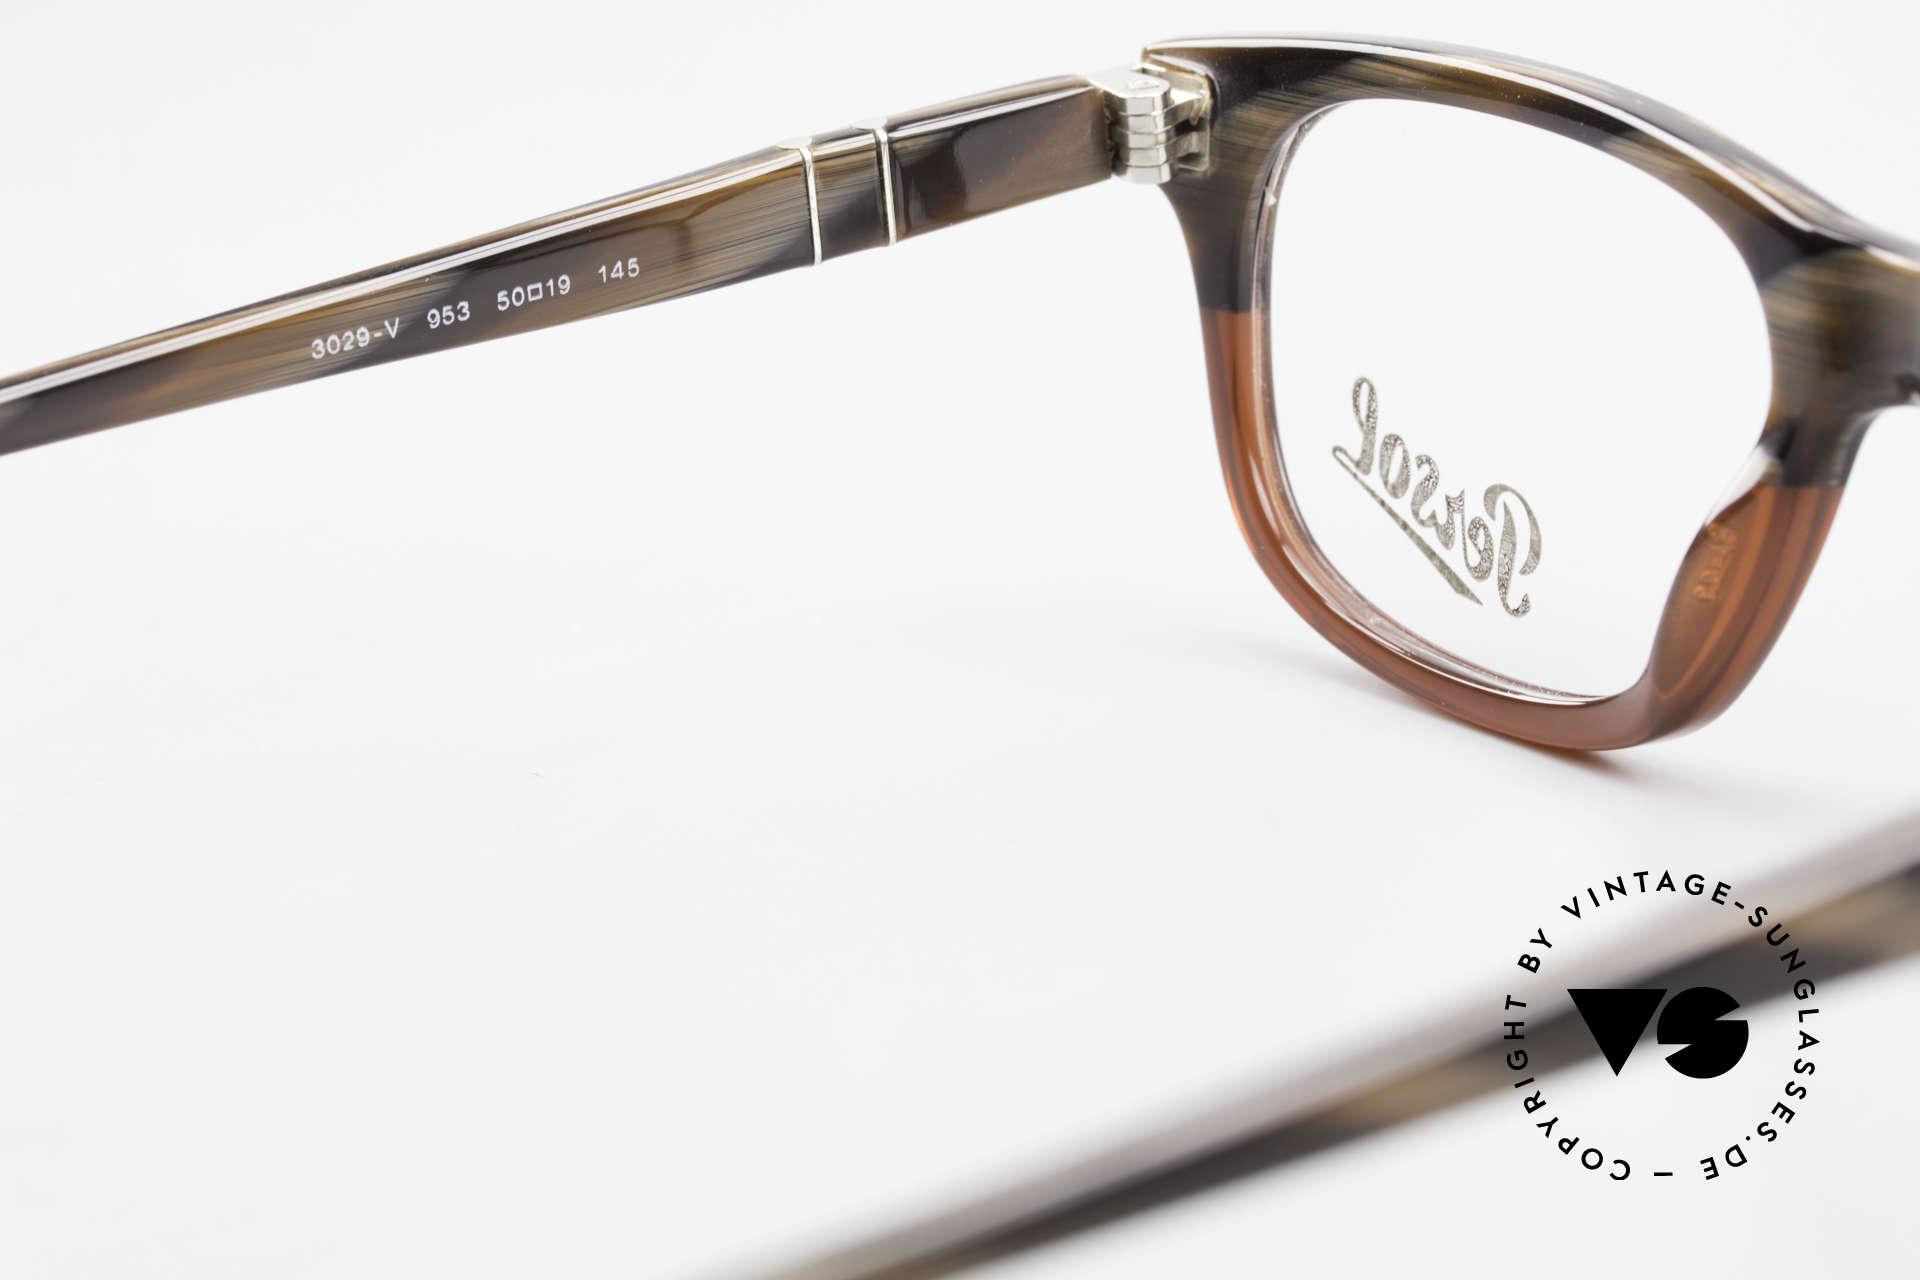 Persol 3029 Kleine Persol Brille Unisex, Unisex-Modell, daher passend für Damen & Herren, Passend für Herren und Damen